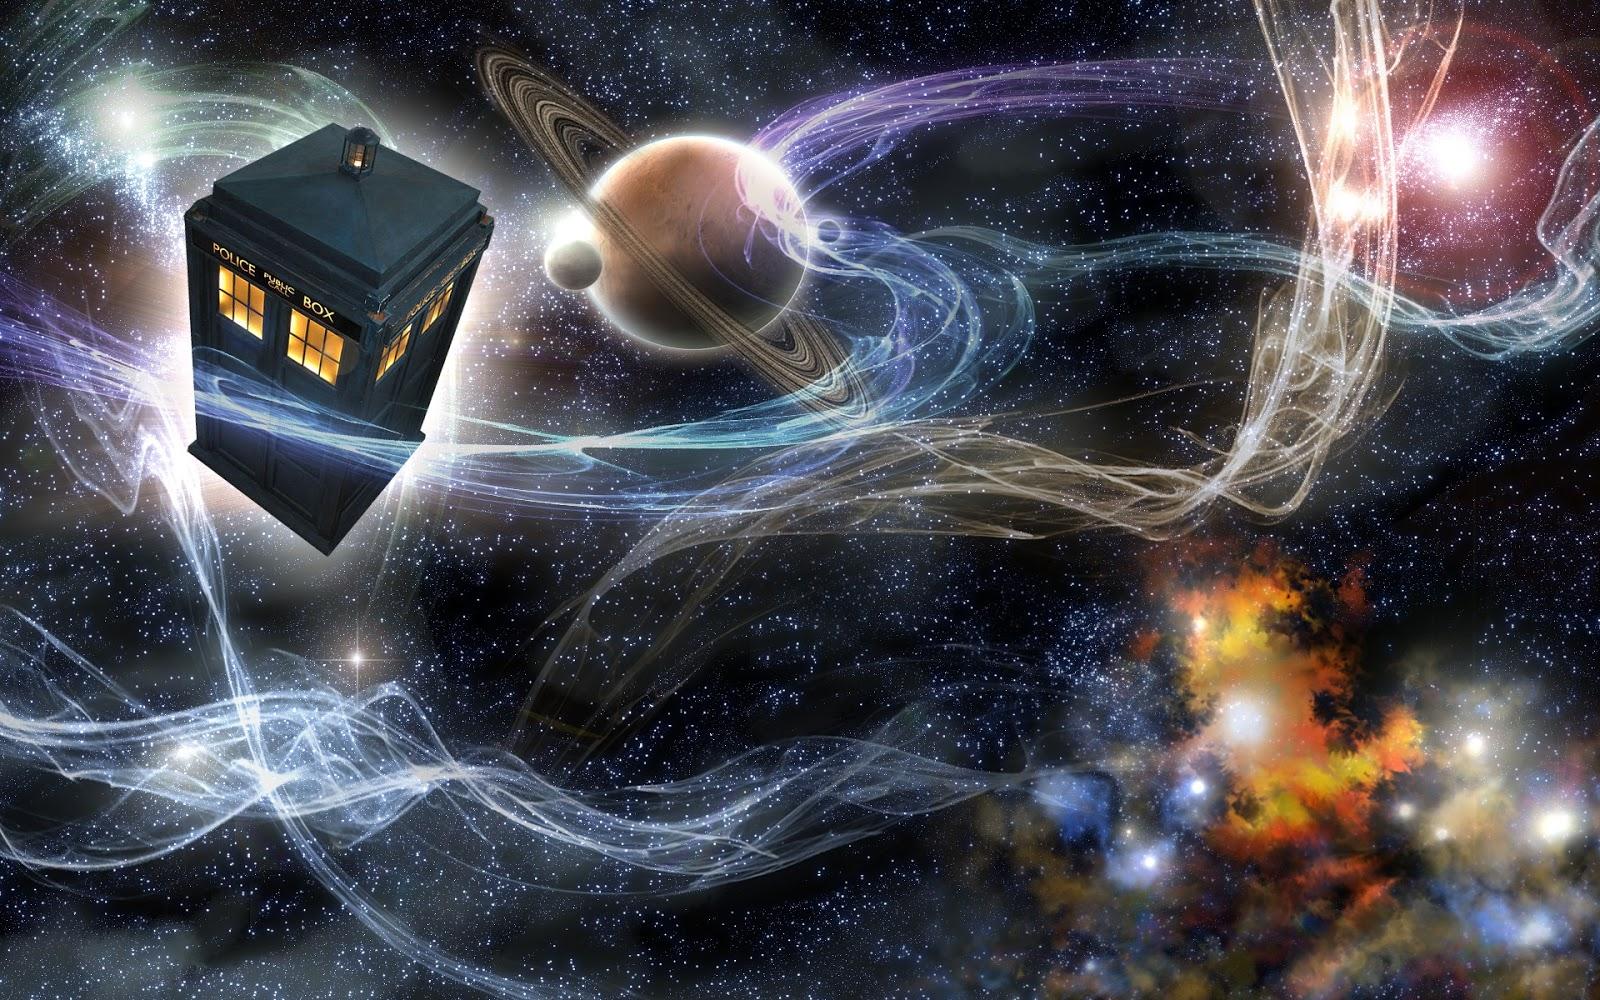 اجمل الخلفيات عن الفضاء والنجوم والكواكب للموبيل